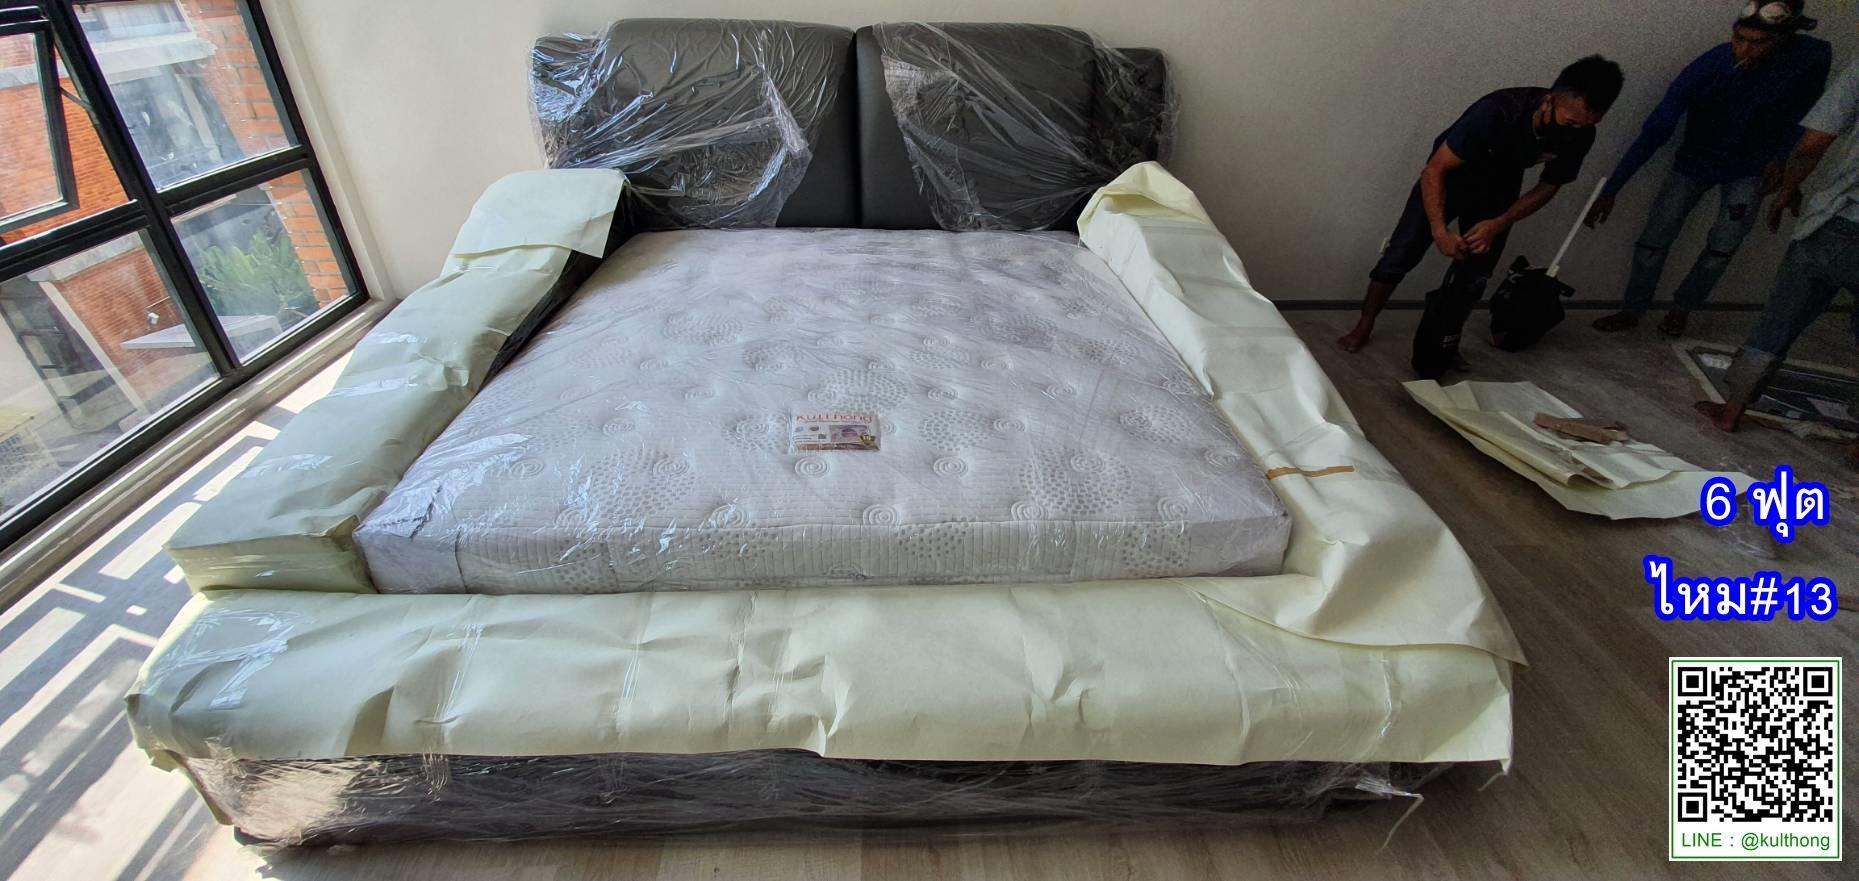 ที่นอนยางพารา ที่นอนฟองน้ำอัด ที่นอนสปริง ฟูกที่นอน